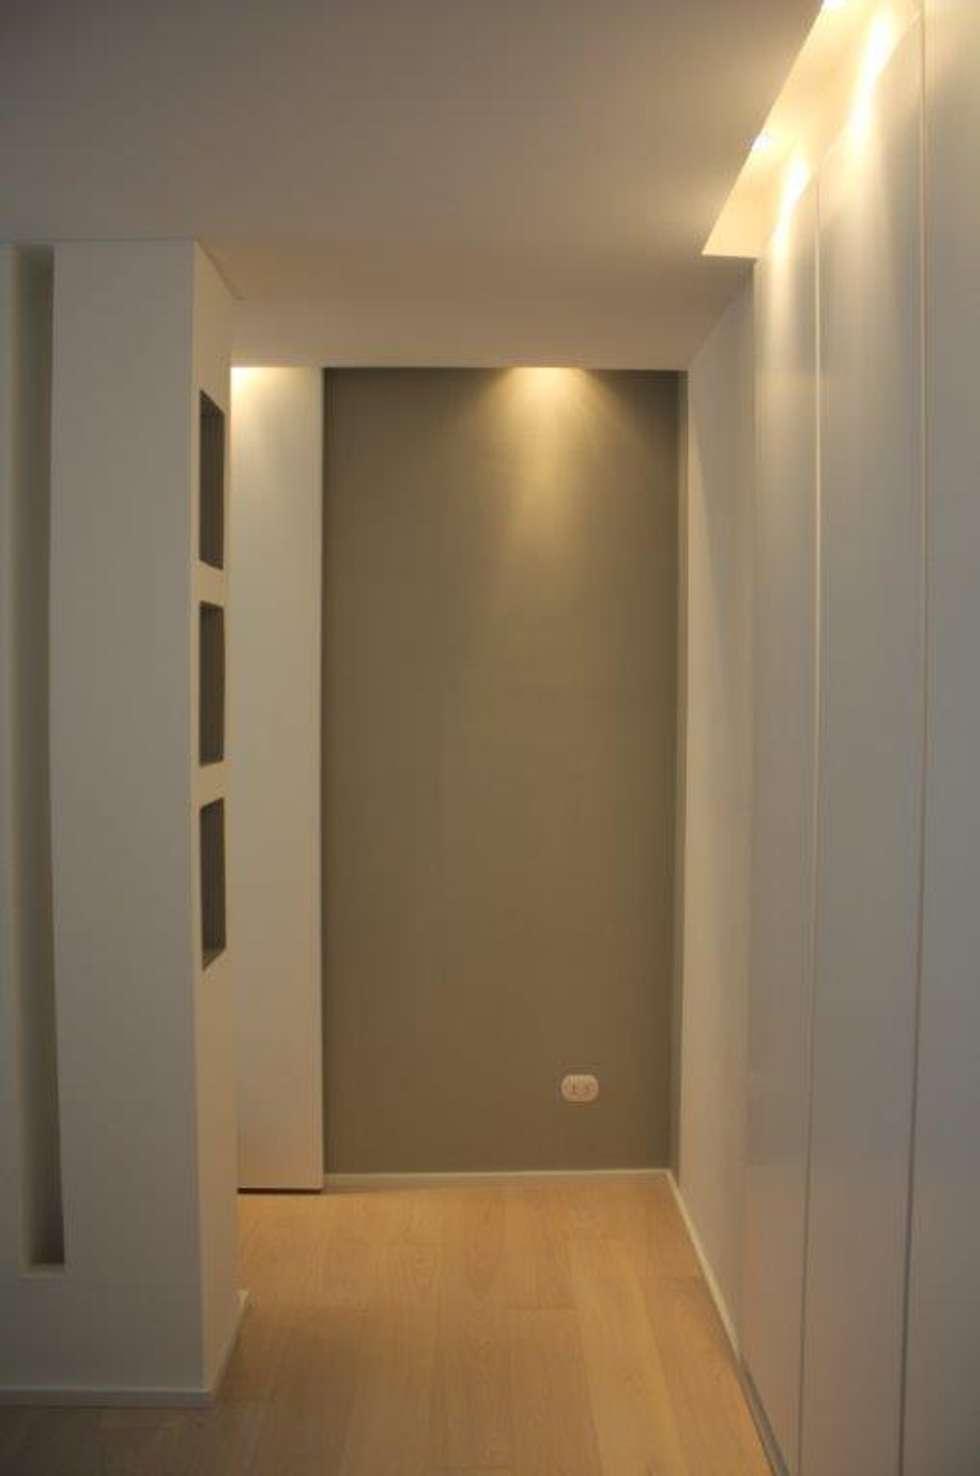 Foto di soggiorno in stile in stile moderno : tagli di luce nei ...